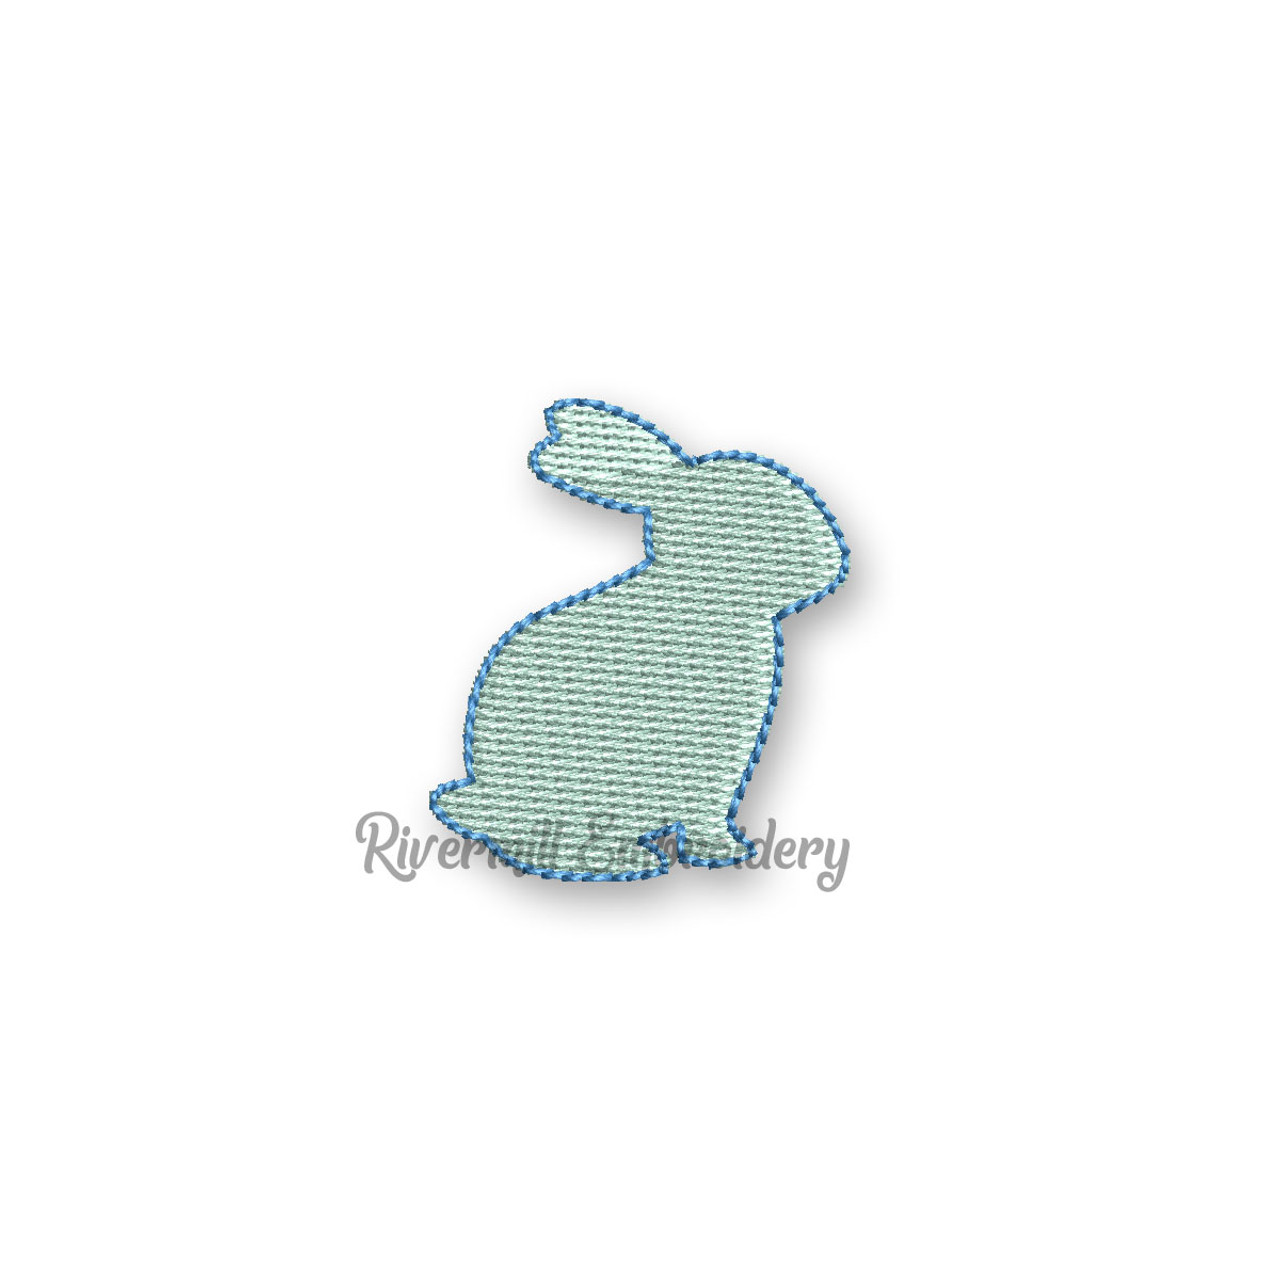 Machine Embroidery Design Silhouette rabbit Embroidery designs hare  bunny embroidery designs Animal embroidery Mini hare embroidery design